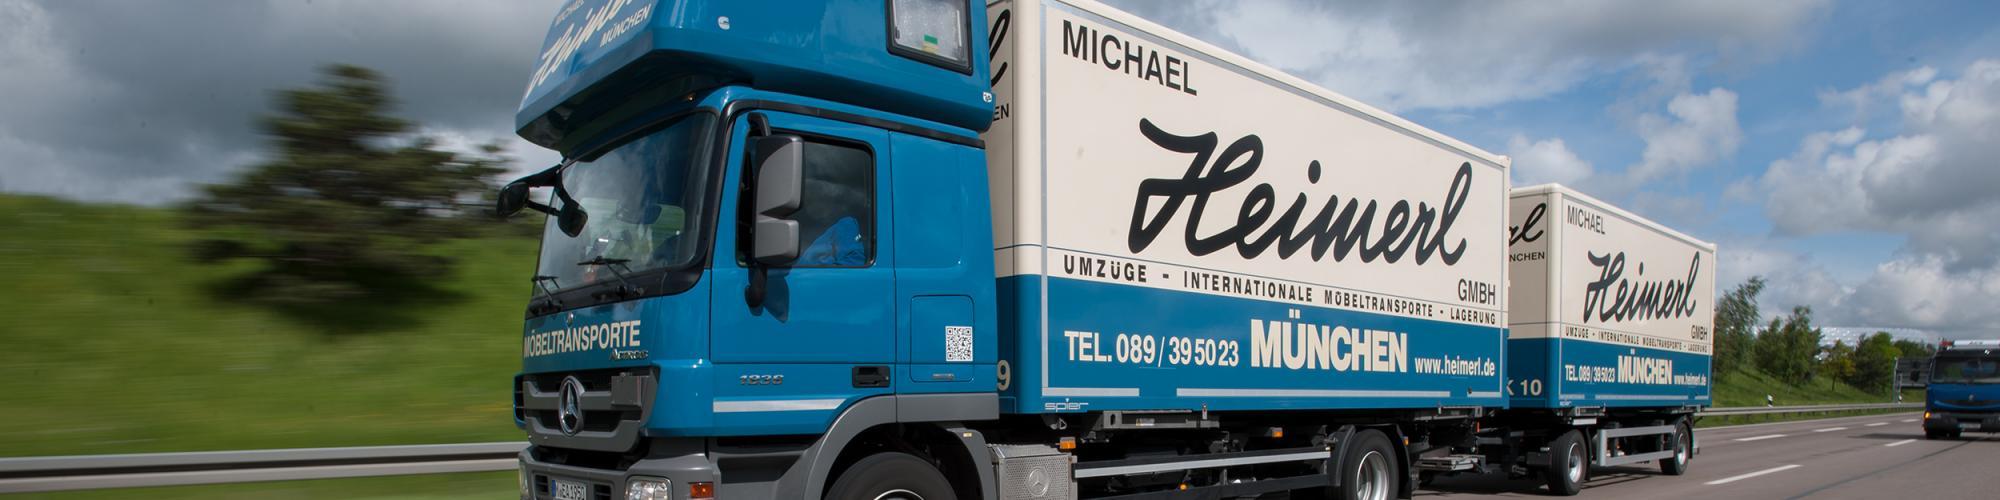 Michael Heimerl GmbH